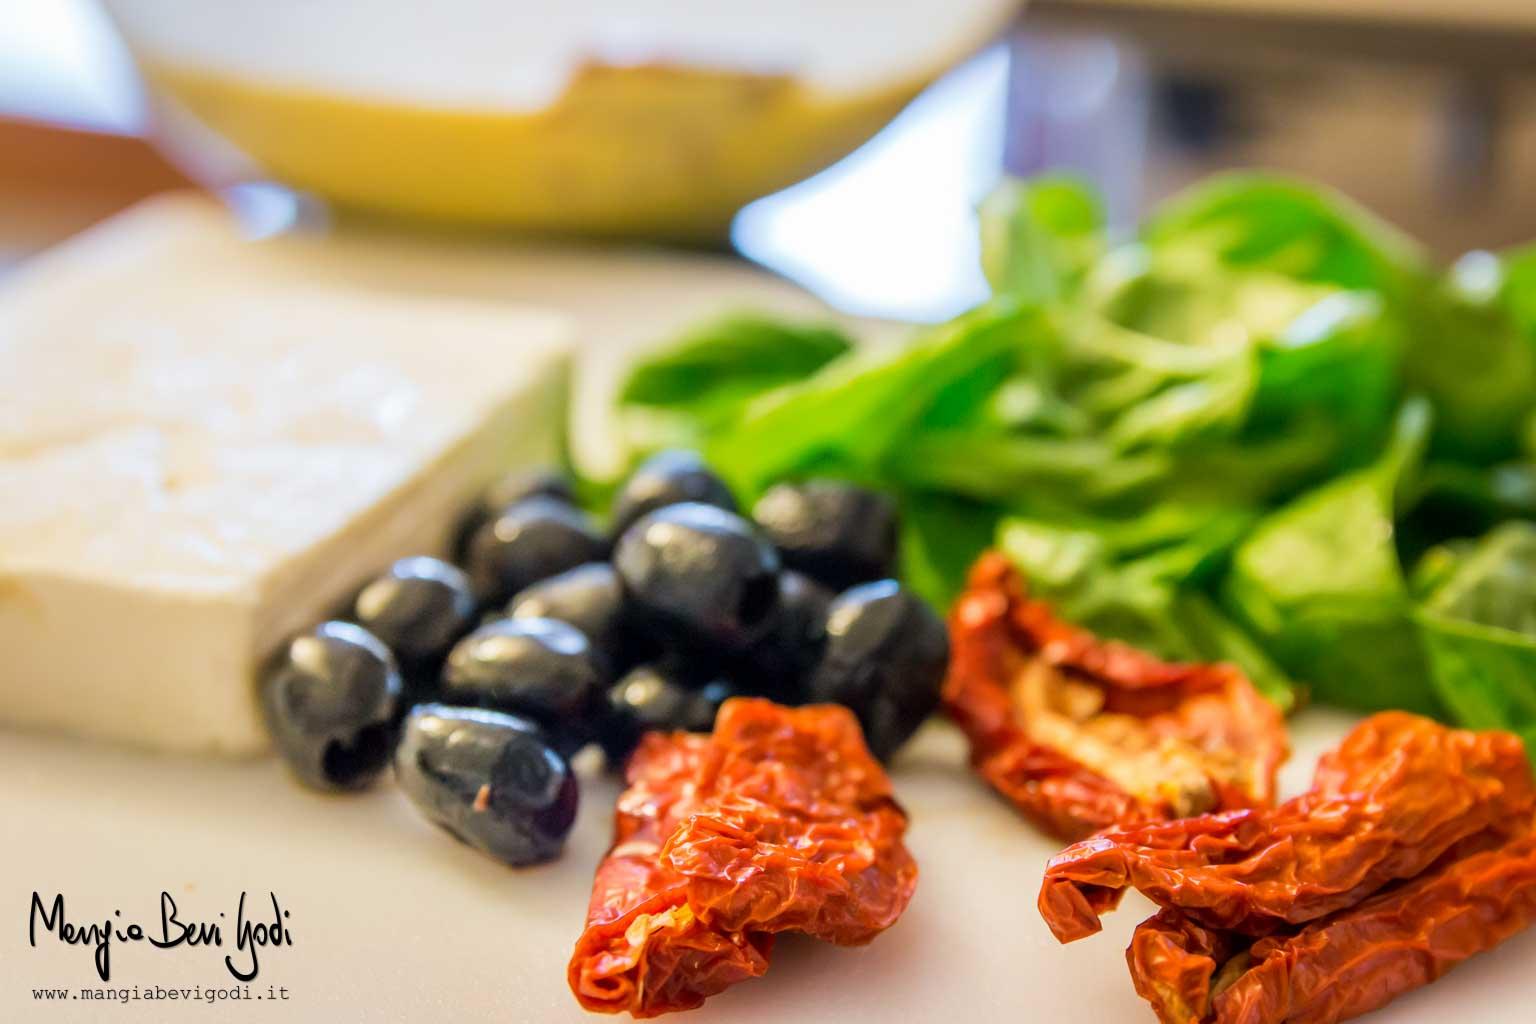 Gli ingredienti: feta, pomodori secchi, olive nere, basilico